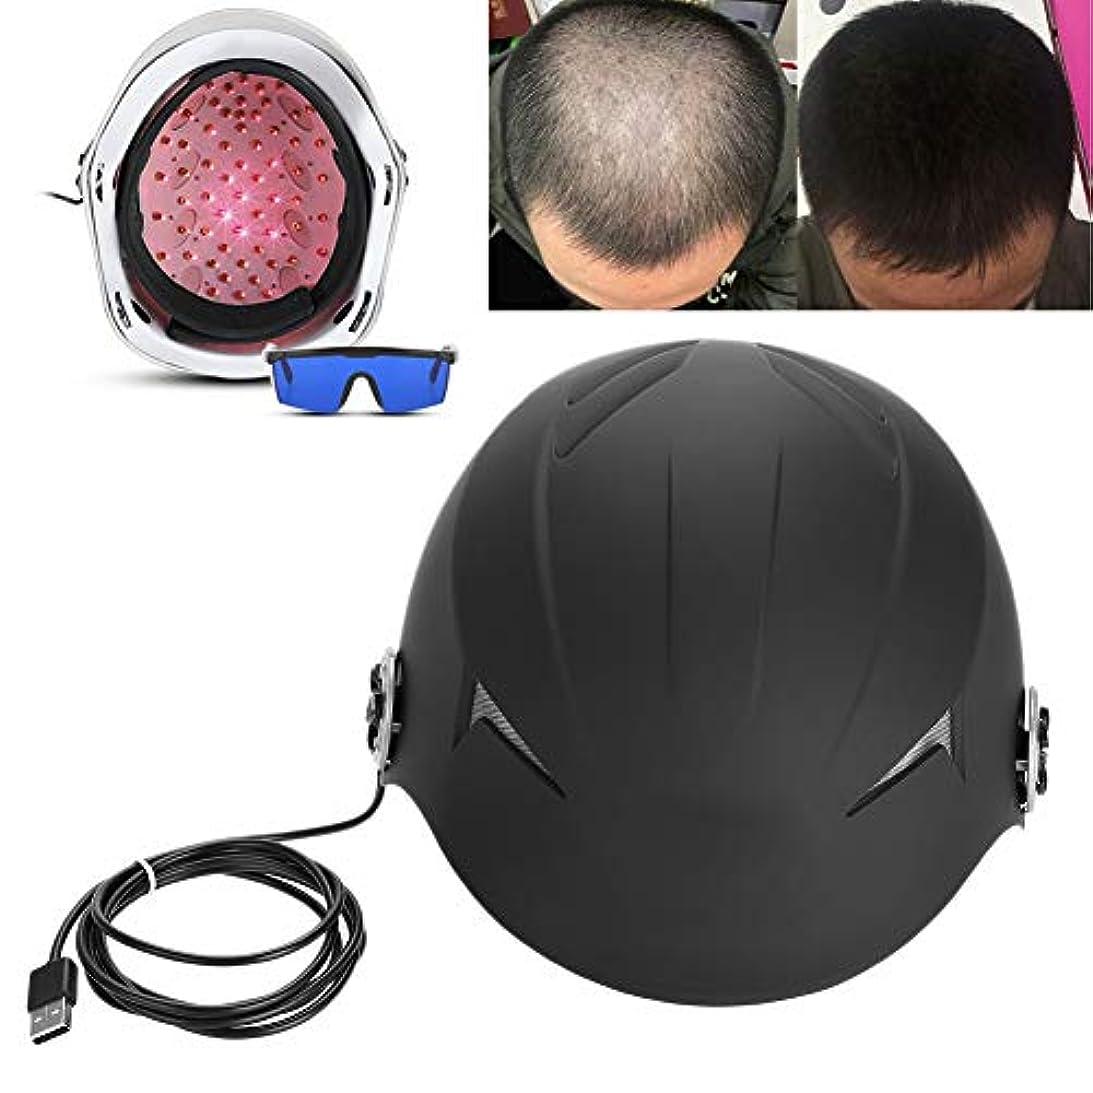 繊維レンダリングアマチュアヘアーレーザー育毛ヘルメット 68ダイオード育毛ヘルメット、速い成長治療のための赤外線育毛帽子そして抜け毛の問題を解決